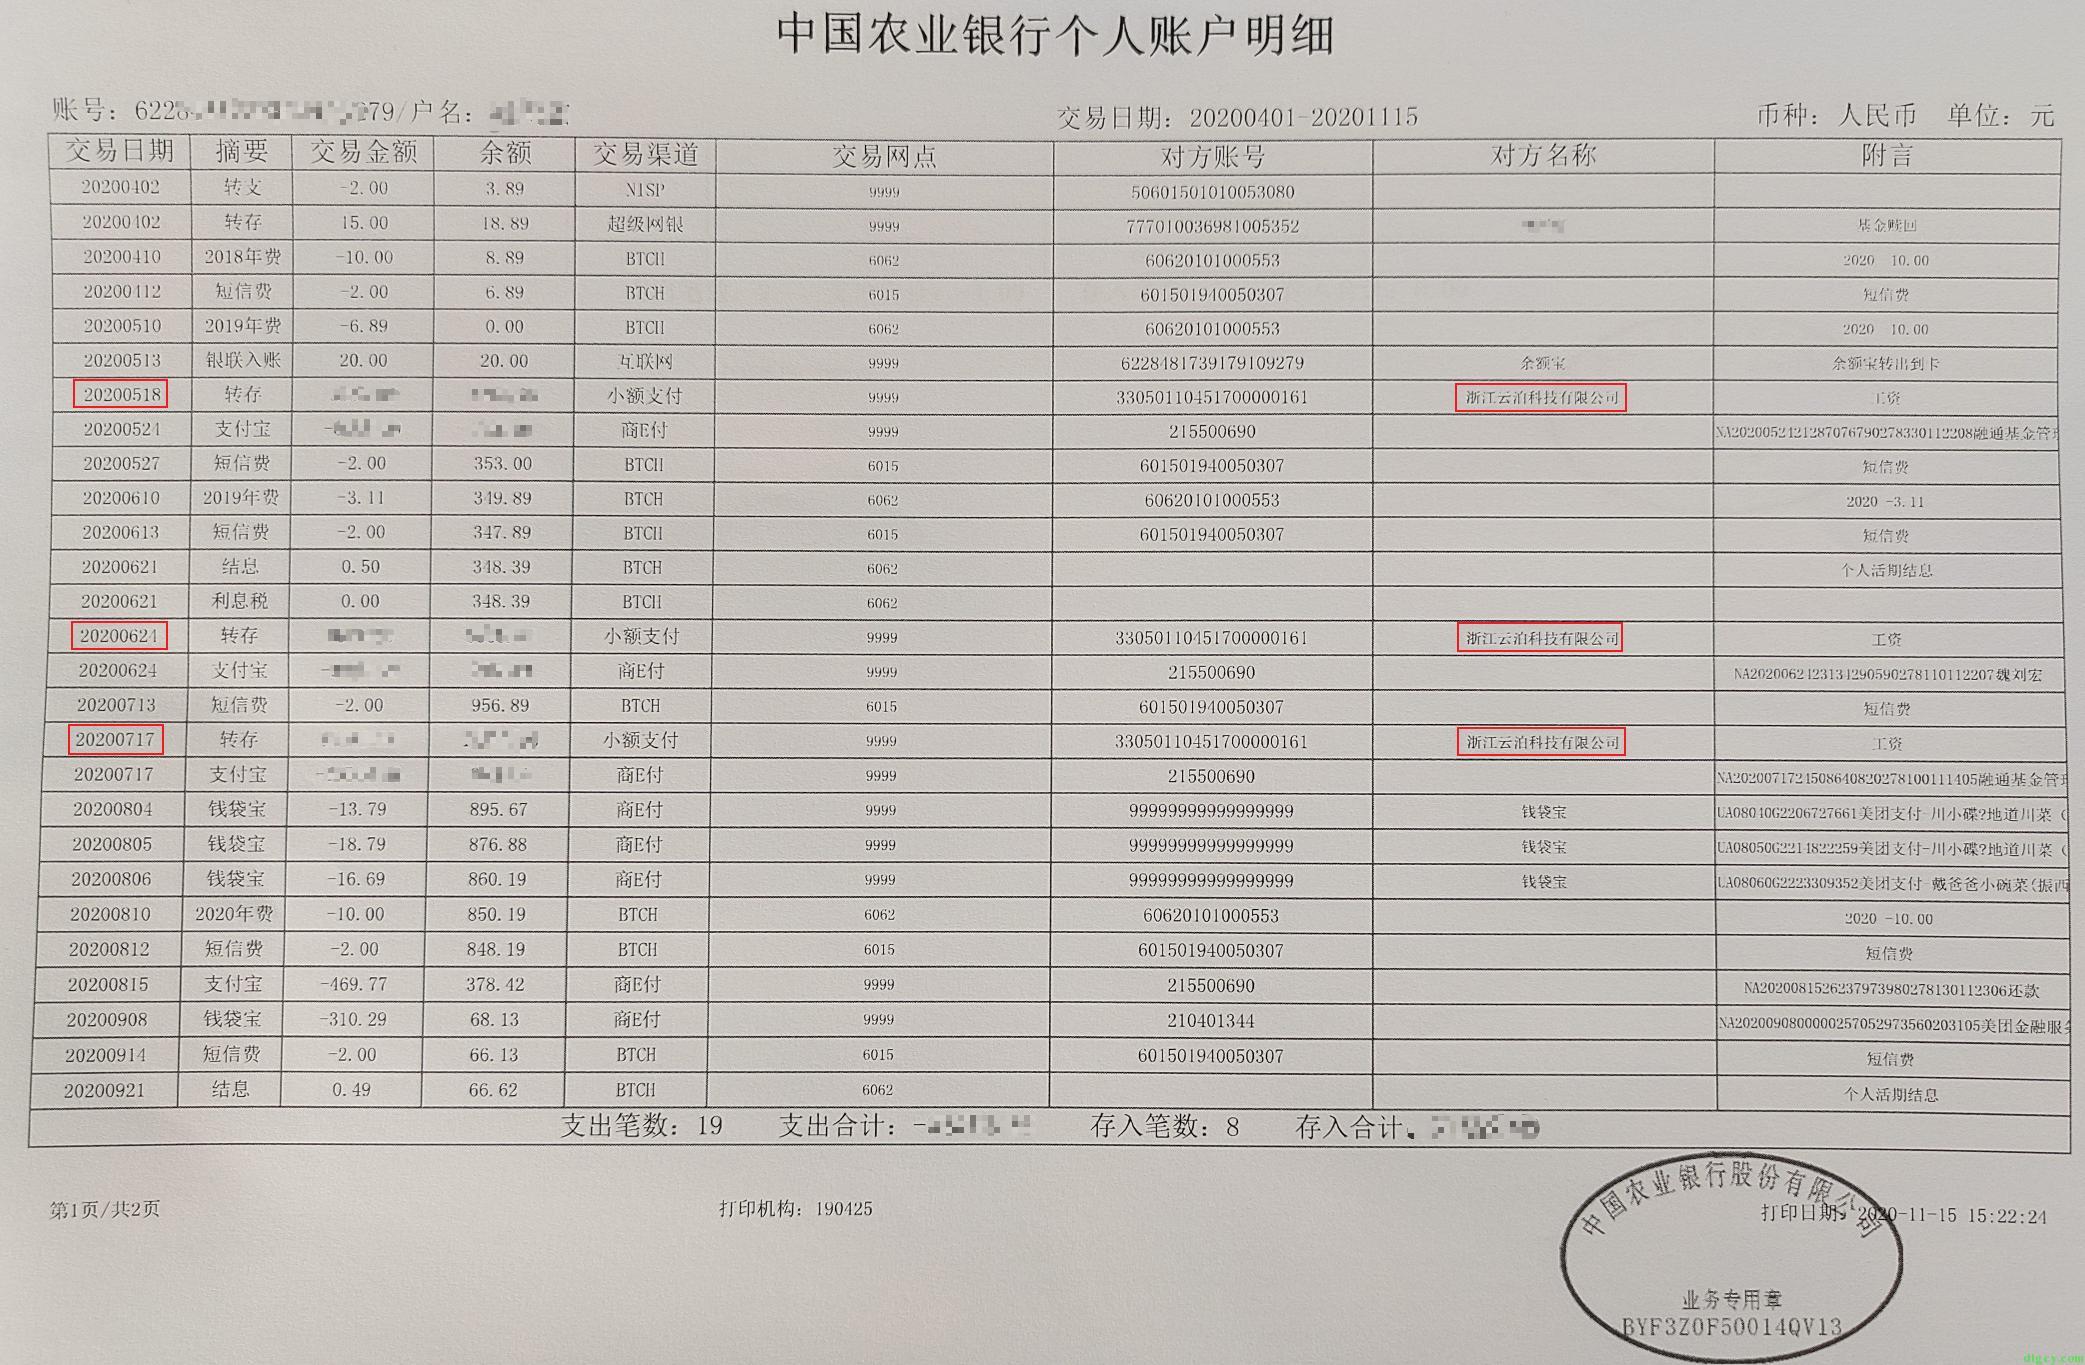 浙江云泊科技有限公司欠薪情况插图6